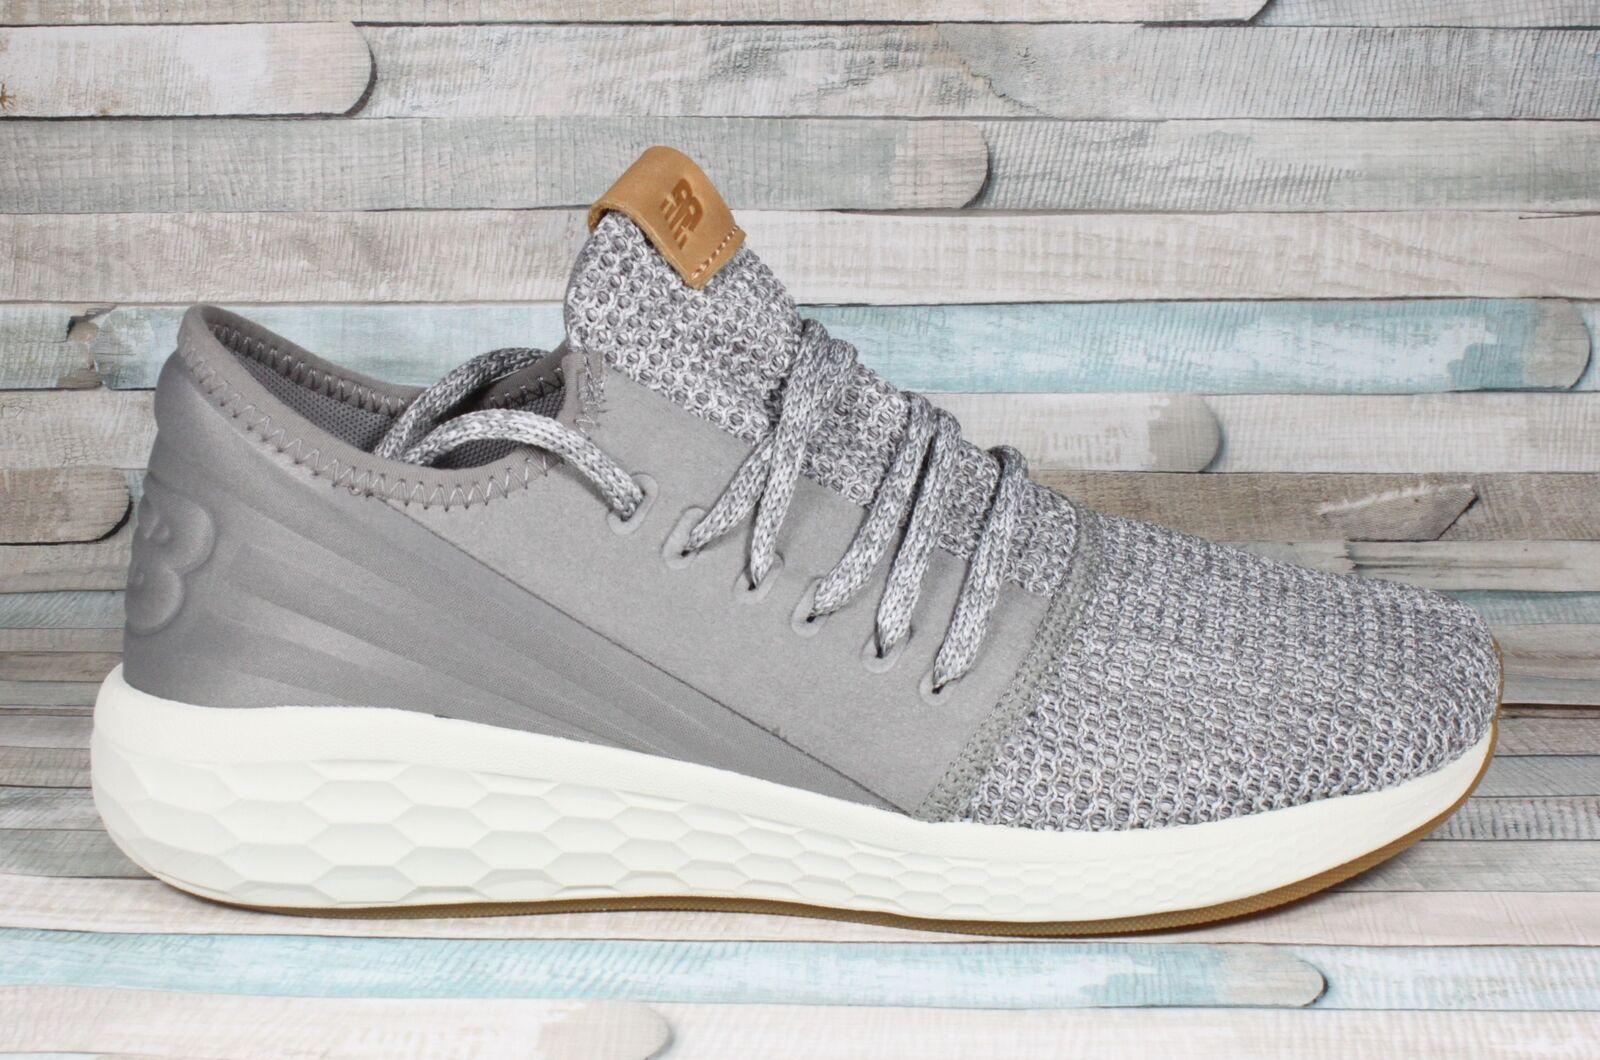 New Balance MCRZDLR2 Cruz v2 Decon Fresh Foam Grey Men's Running shoes